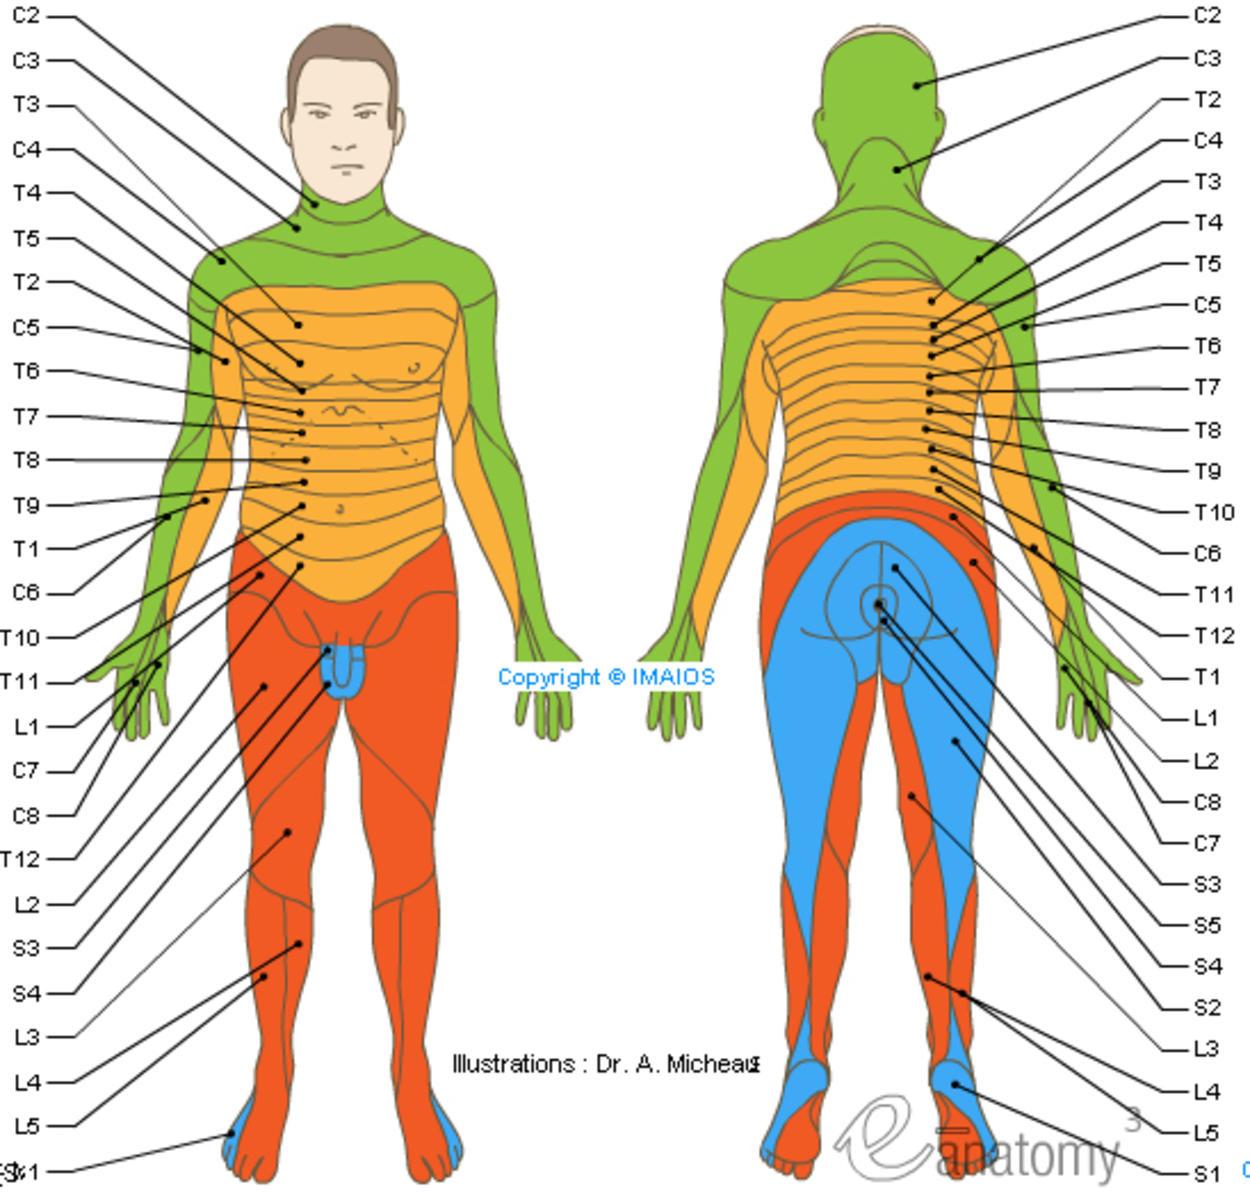 Dermatomes - Spinal nerves : C1 C2 C3 C4 C5 C6 C7 C8 Co L1 L2 L3 L4 L5 ...